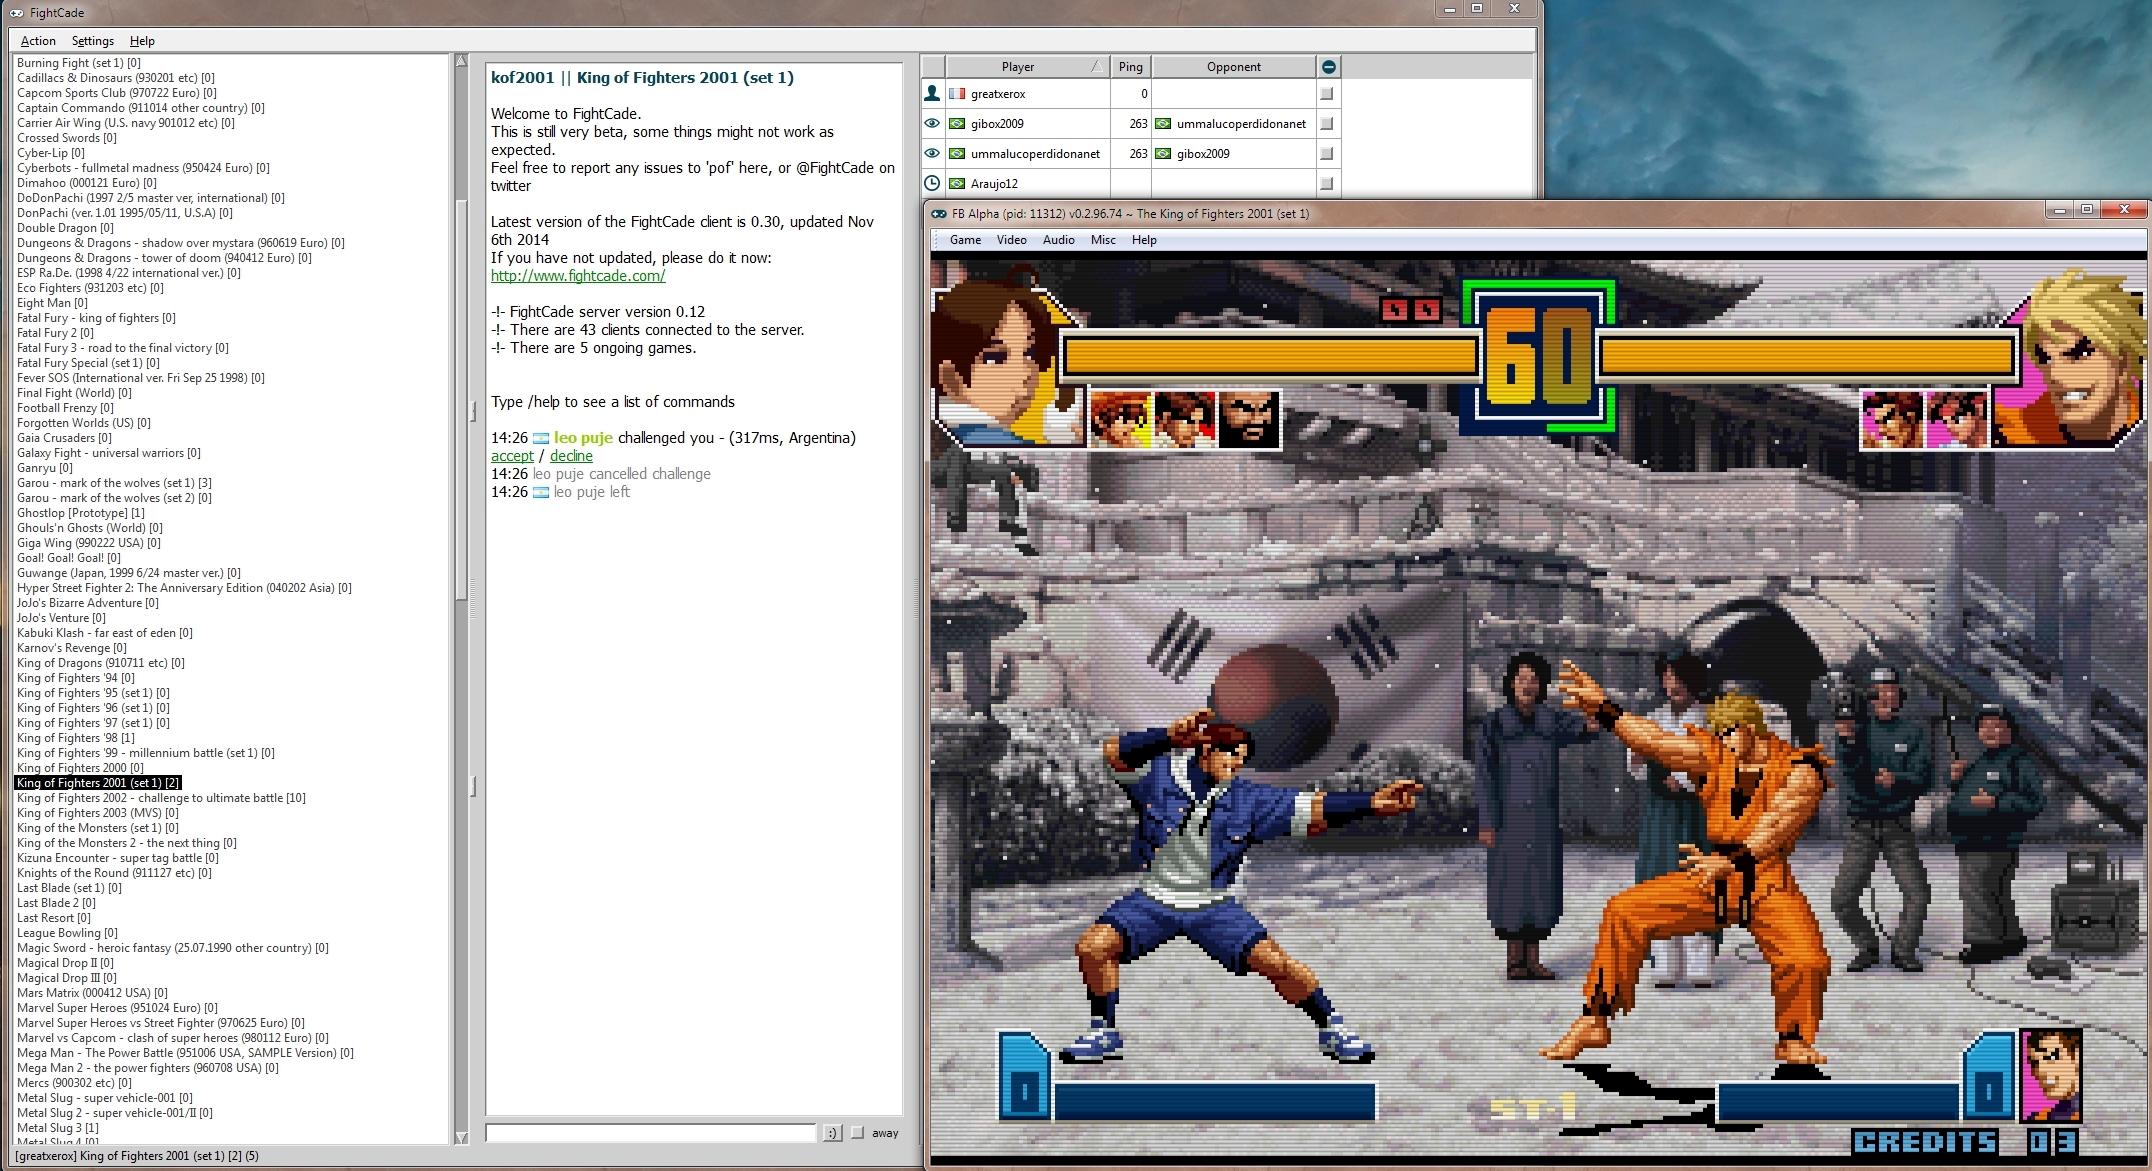 Jouer à des jeux NEOGEO en ligne, simplement, c'est possible ! Fightcade